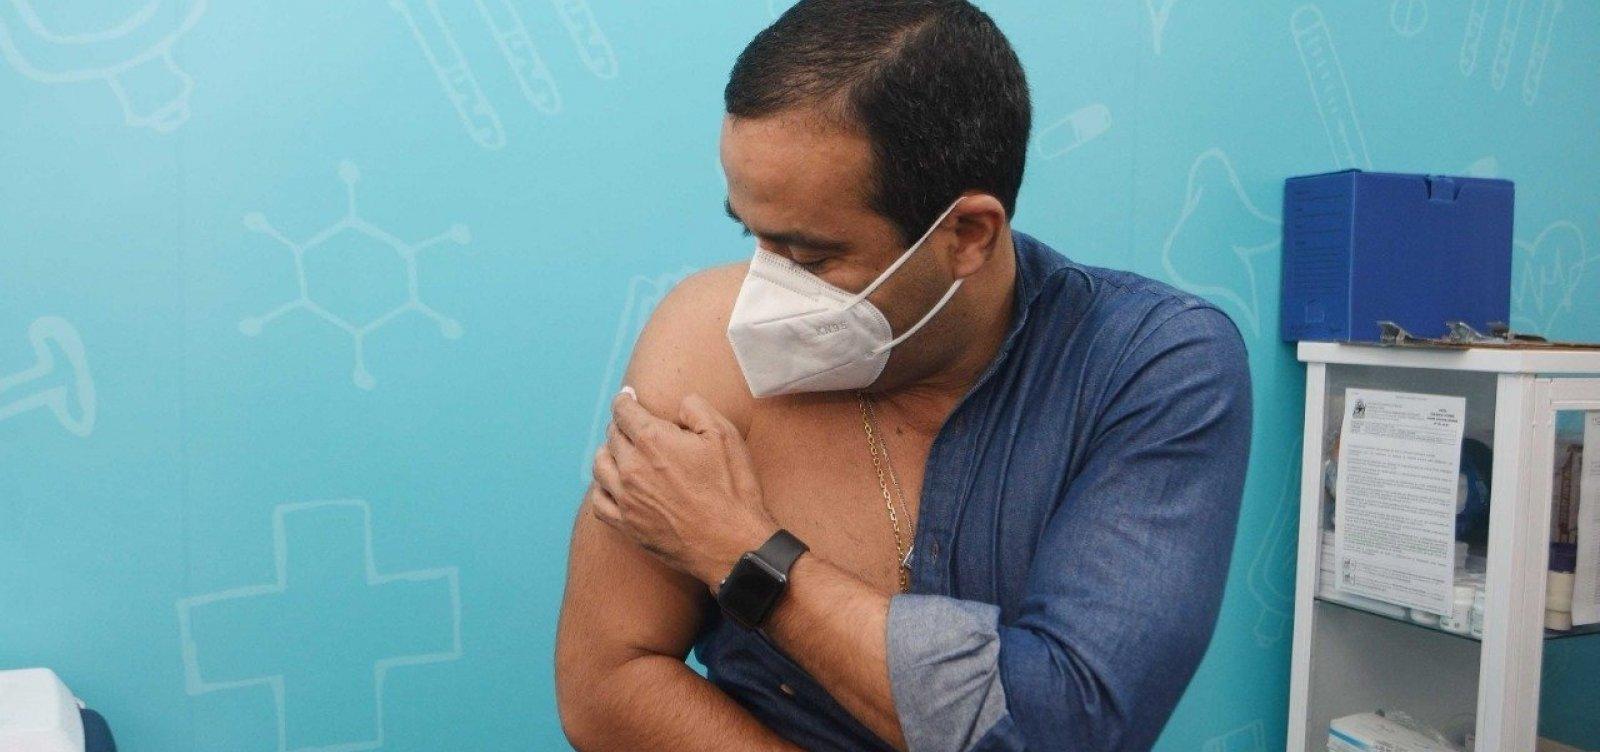 Covid: Bruno Reis recebe segunda dose de vacina e convoca faltosos a completar imunização